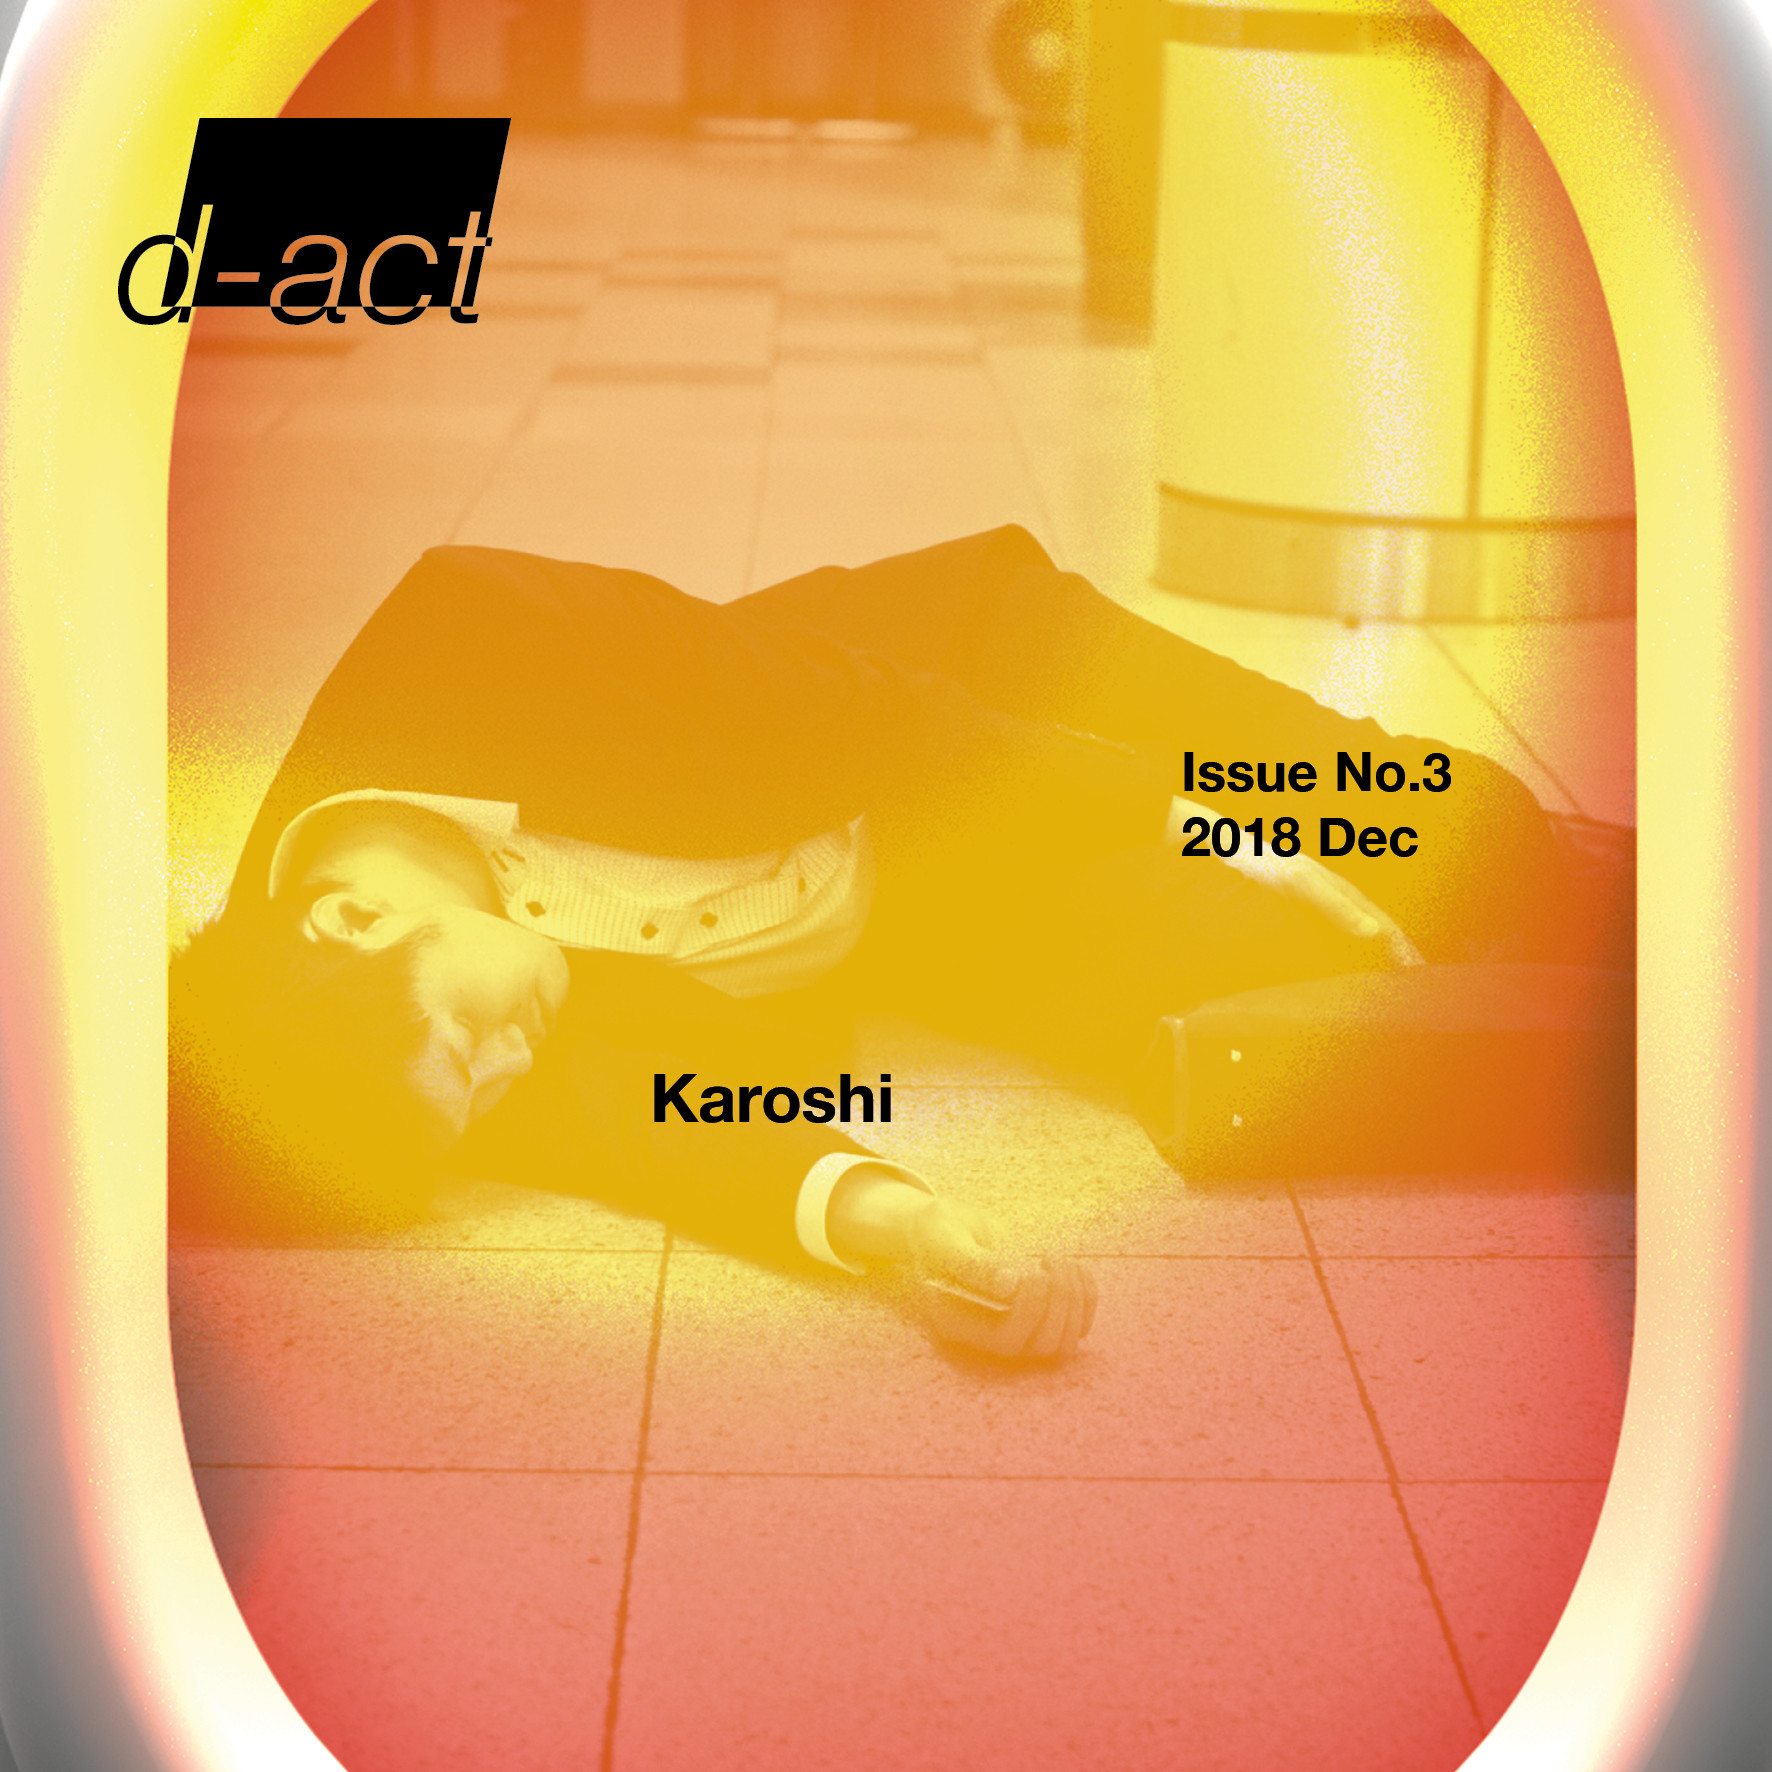 #3 Karoshi